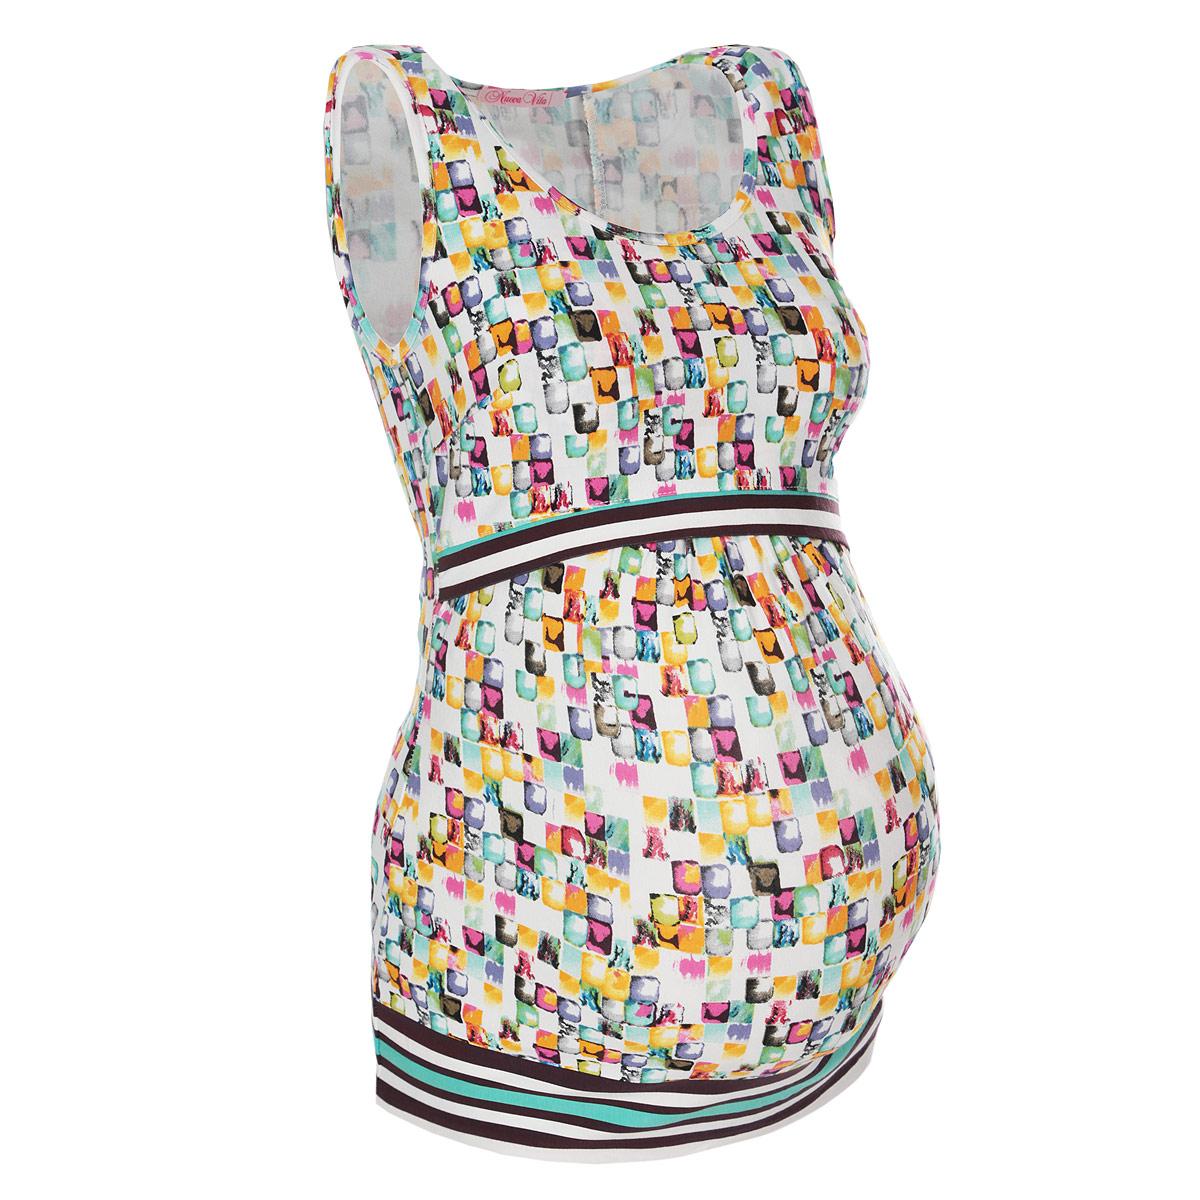 Майка для беременных и кормящих Nuova Vita, цвет: белый, желтый, зеленый. 1113.07. Размер 501113.07Модная майка Nuova Vita для будущих и кормящих мам, изготовленная из эластичной вискозы с ярким принтом, подарит комфорт во время носки. Модель свободного кроя с круглым вырезом горловины подходит для носки во время беременности и в период грудного вскармливания. Майка не стесняет движений и не вызывает чувства дискомфорта. Удобный секрет для кормления конверт позволяет осуществить кормление малыша в любом удобном месте. Майка прекрасно скрывает особенности фигуры после родов.